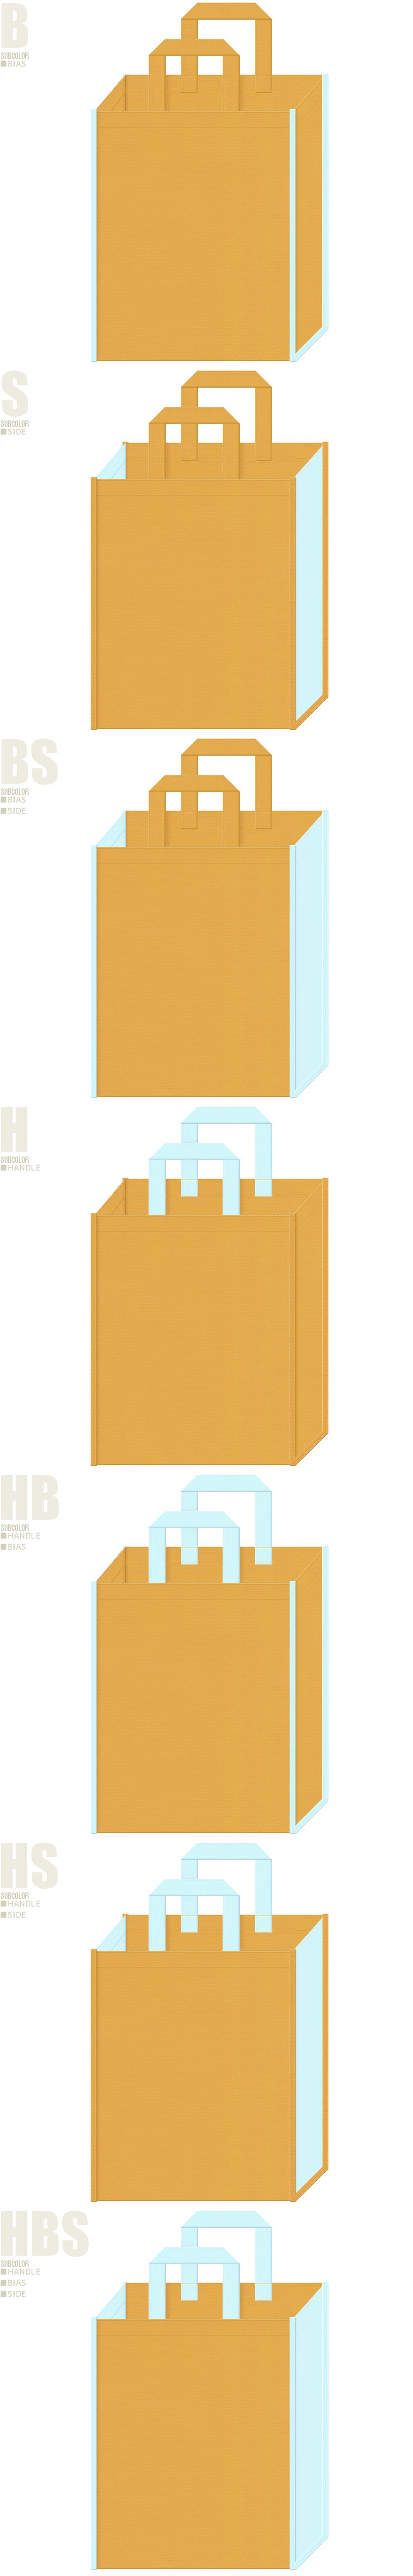 不織布バッグのデザイン:黄土色と水色の配色7パターン